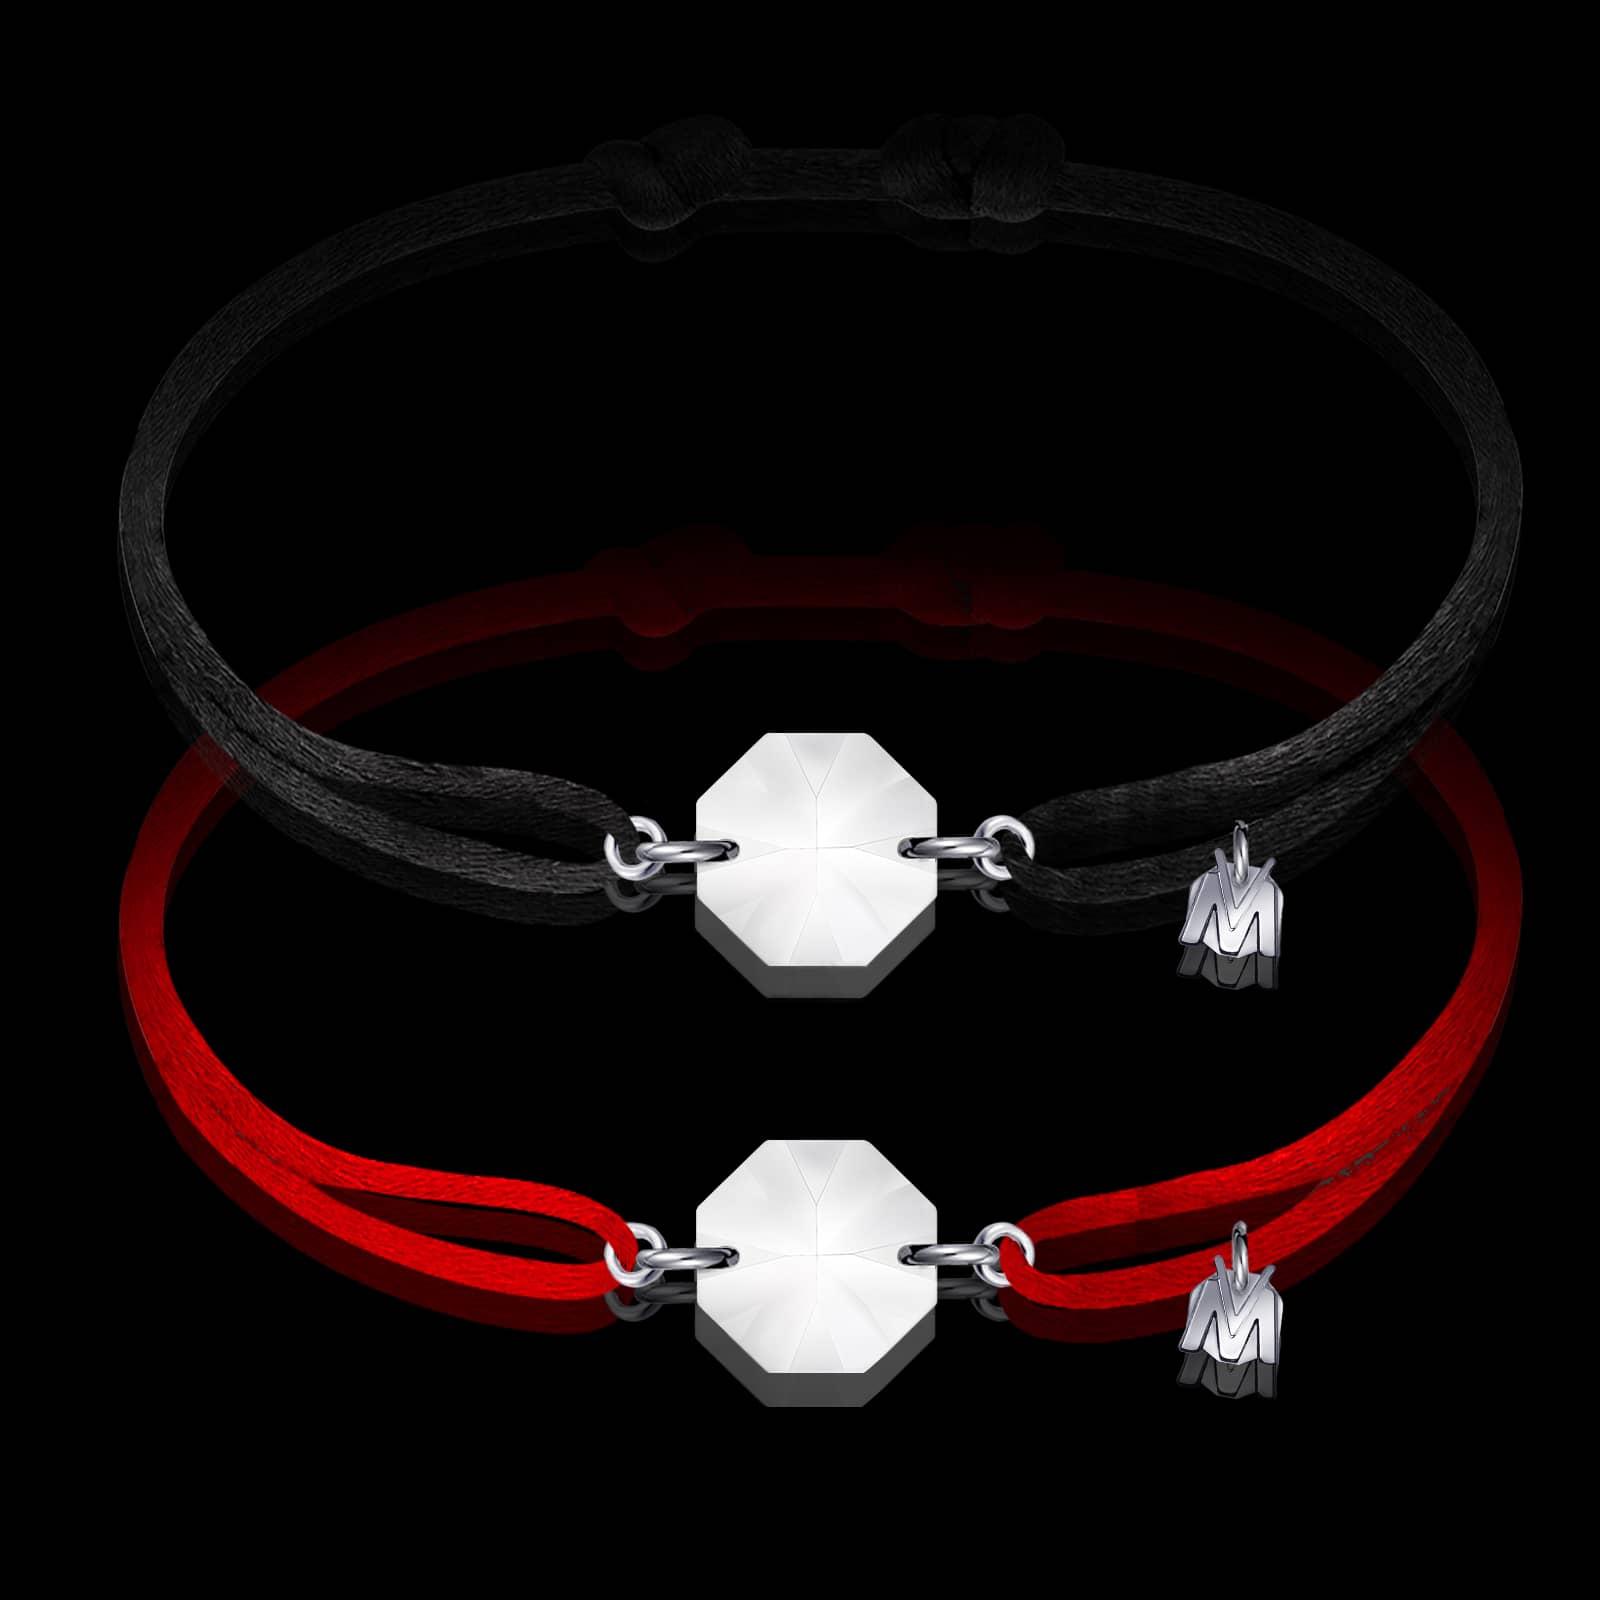 bracelet-rock-cristal-clair-rouge-noir-cordon